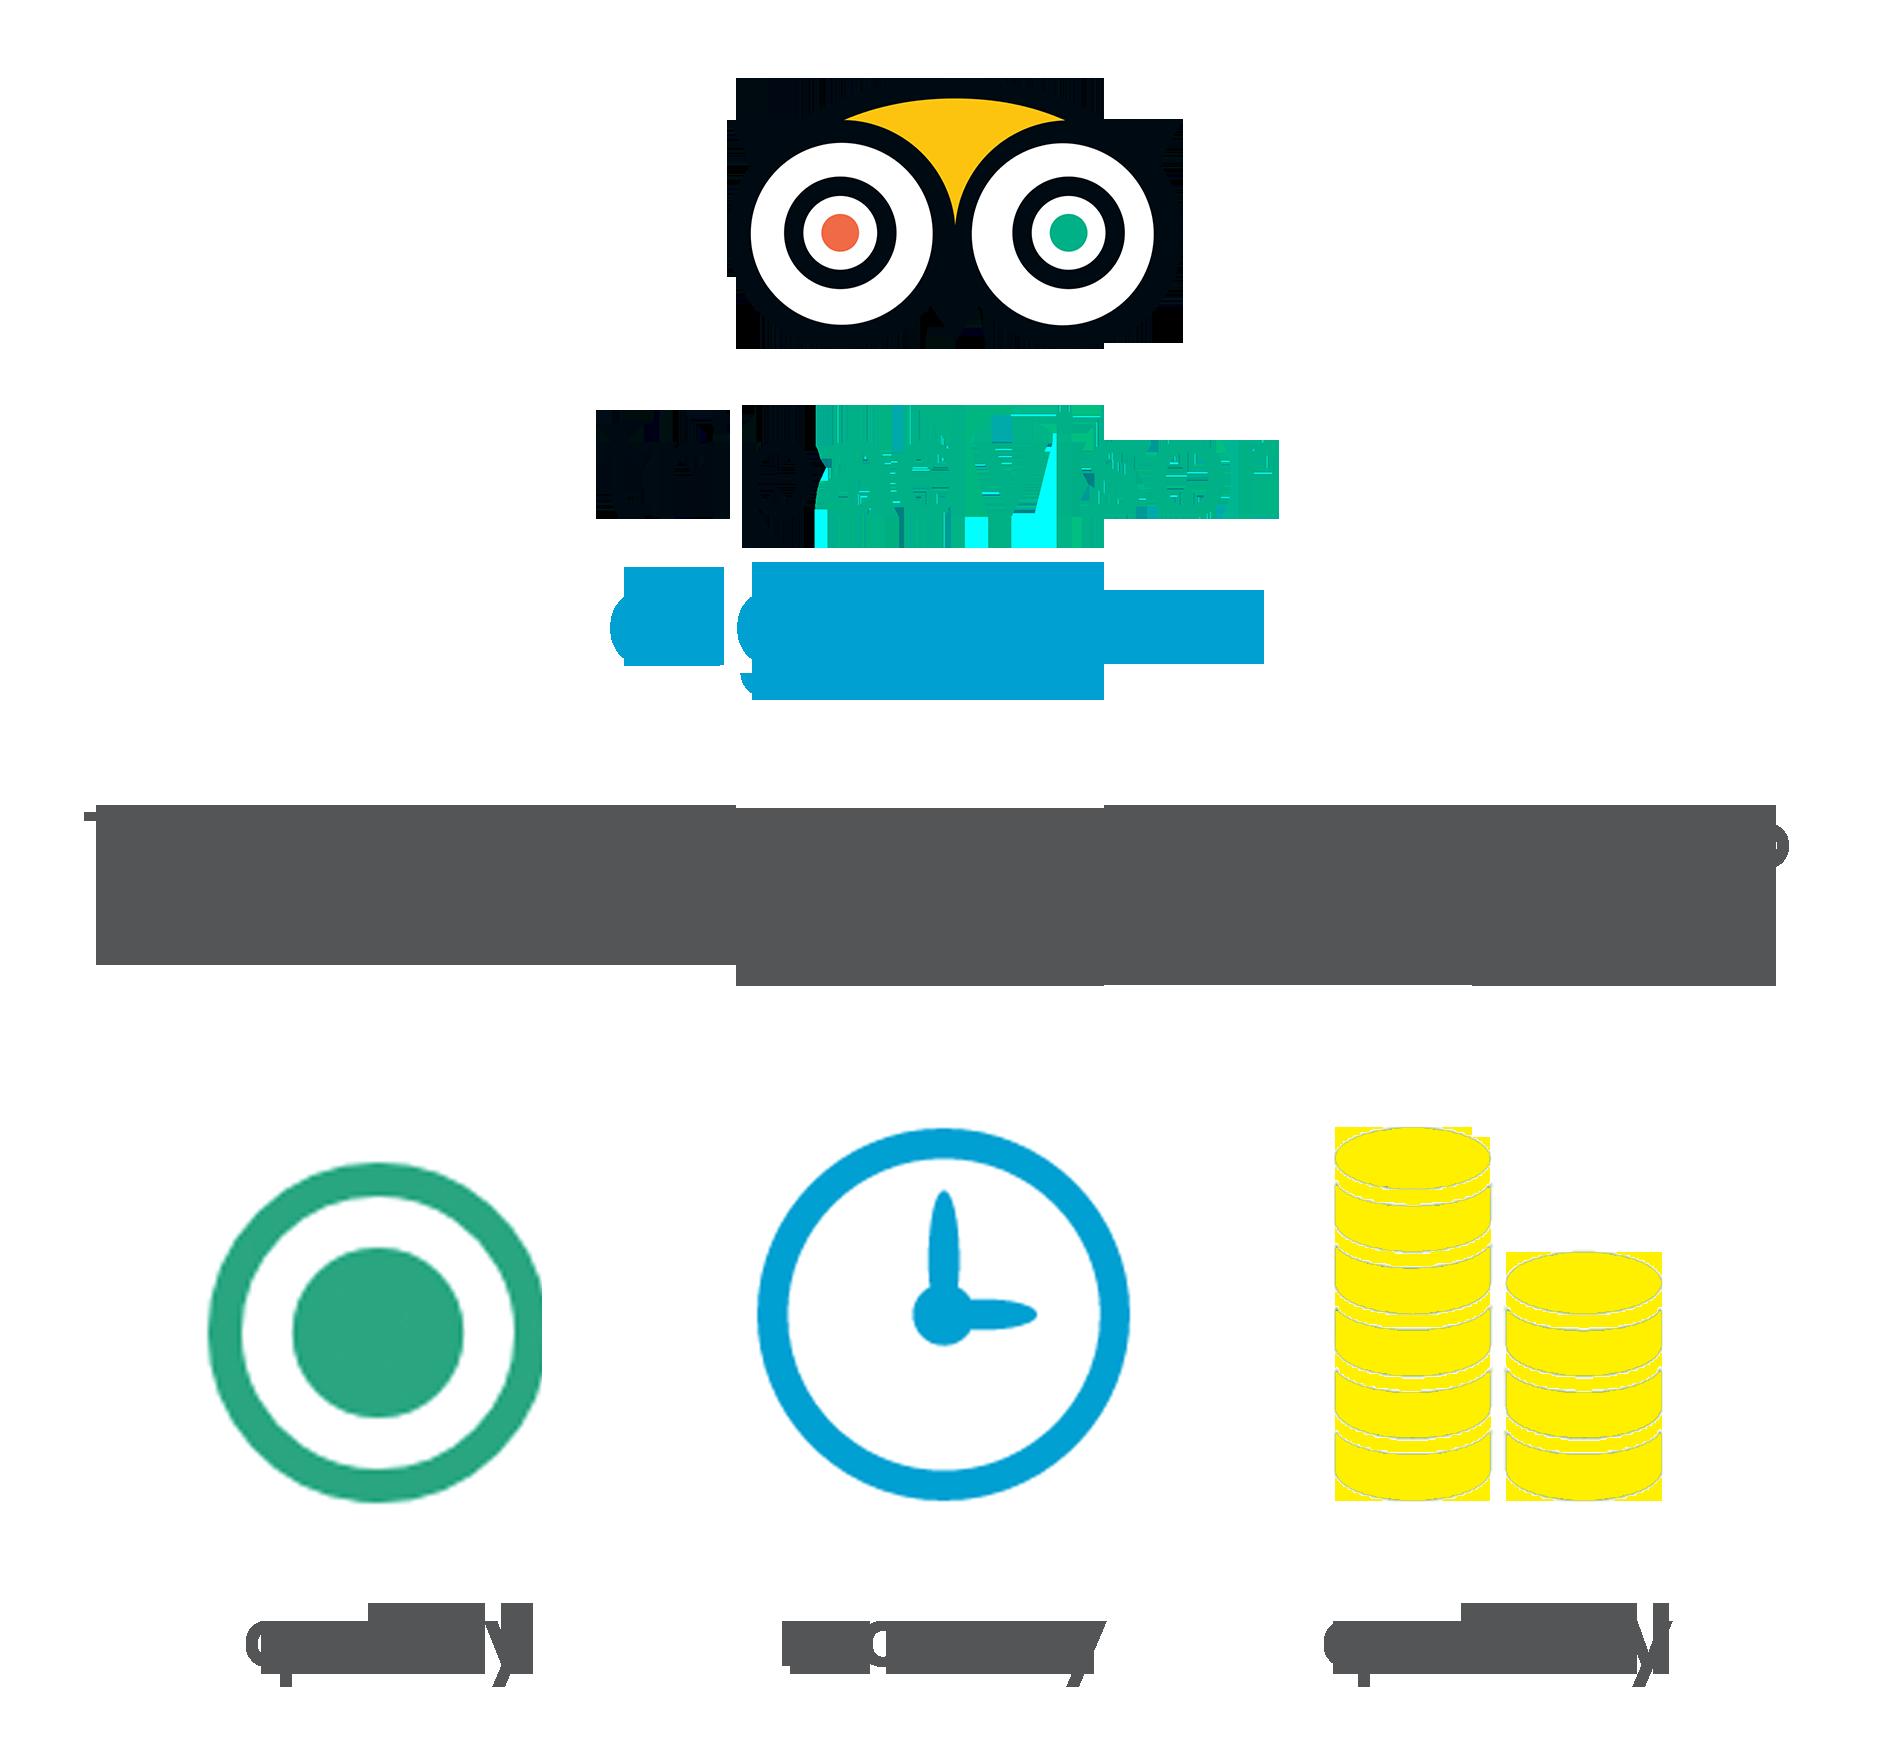 tripadvisor-algorithm.png